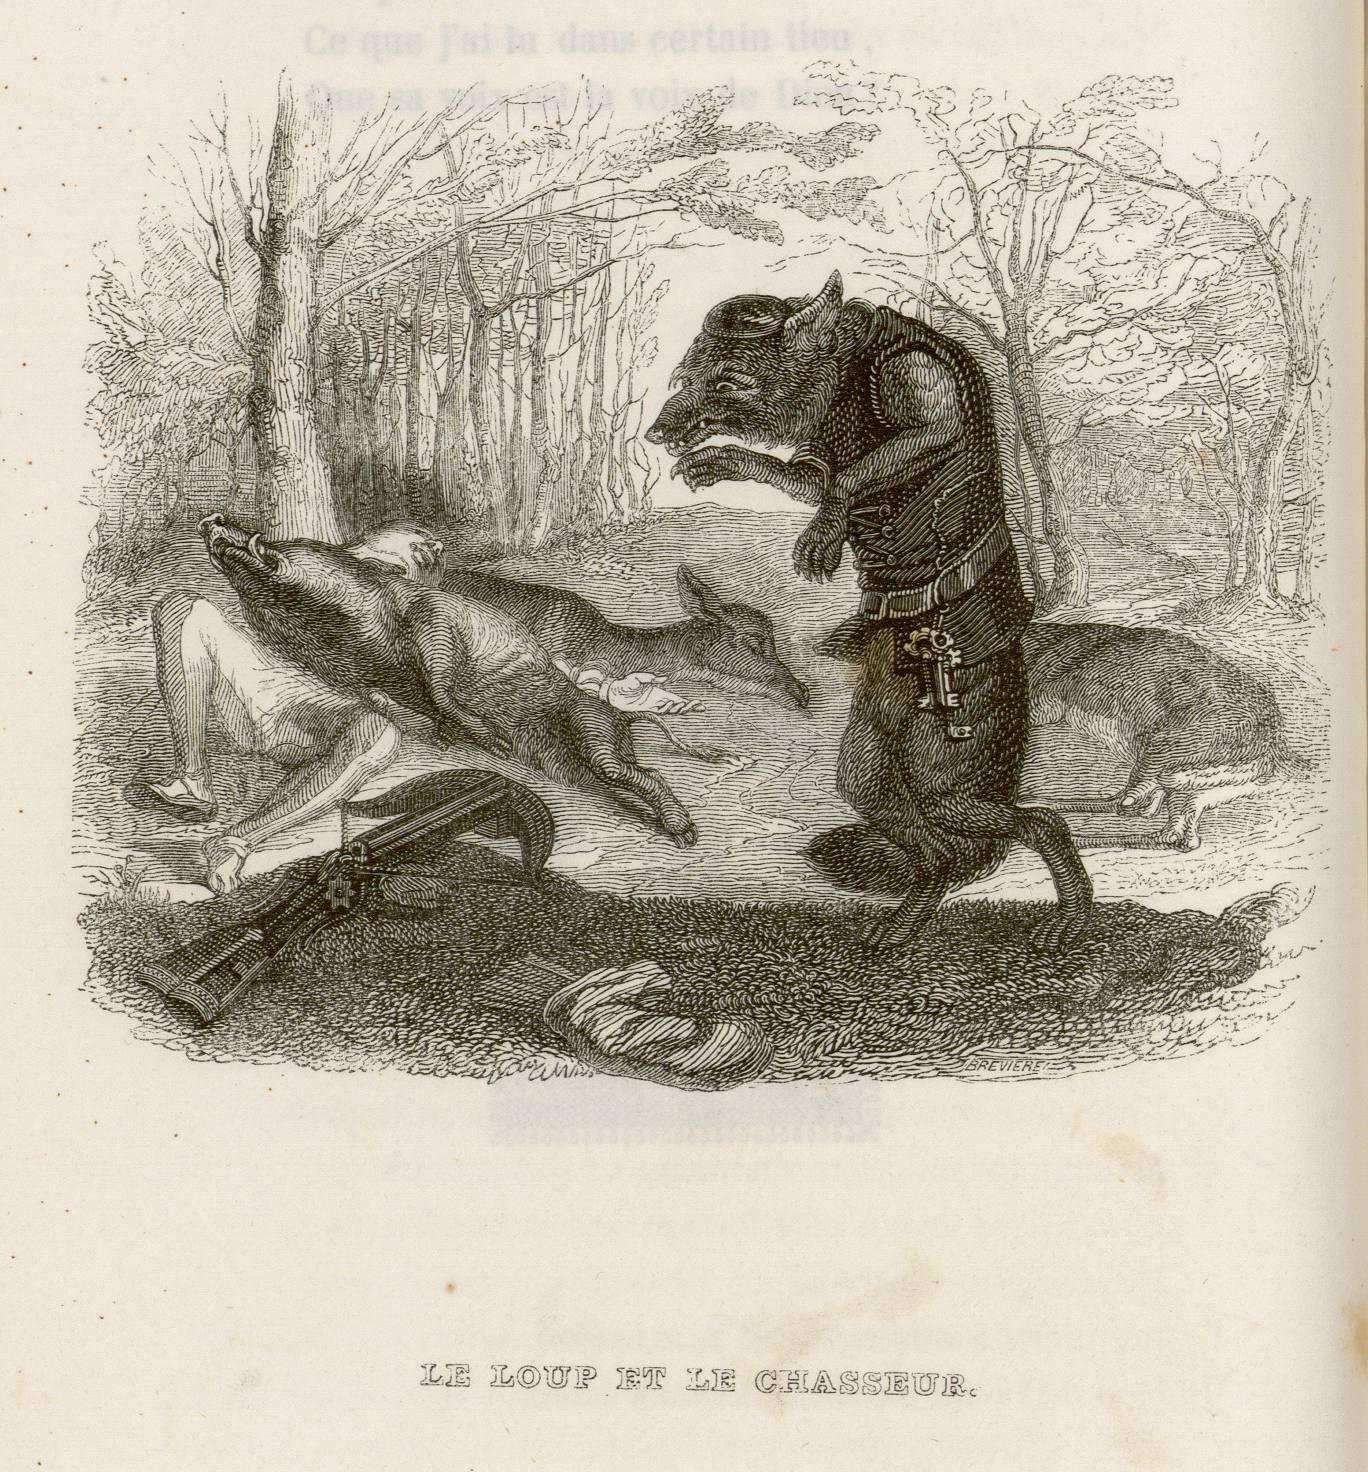 Contenu du Le loup et le chasseur